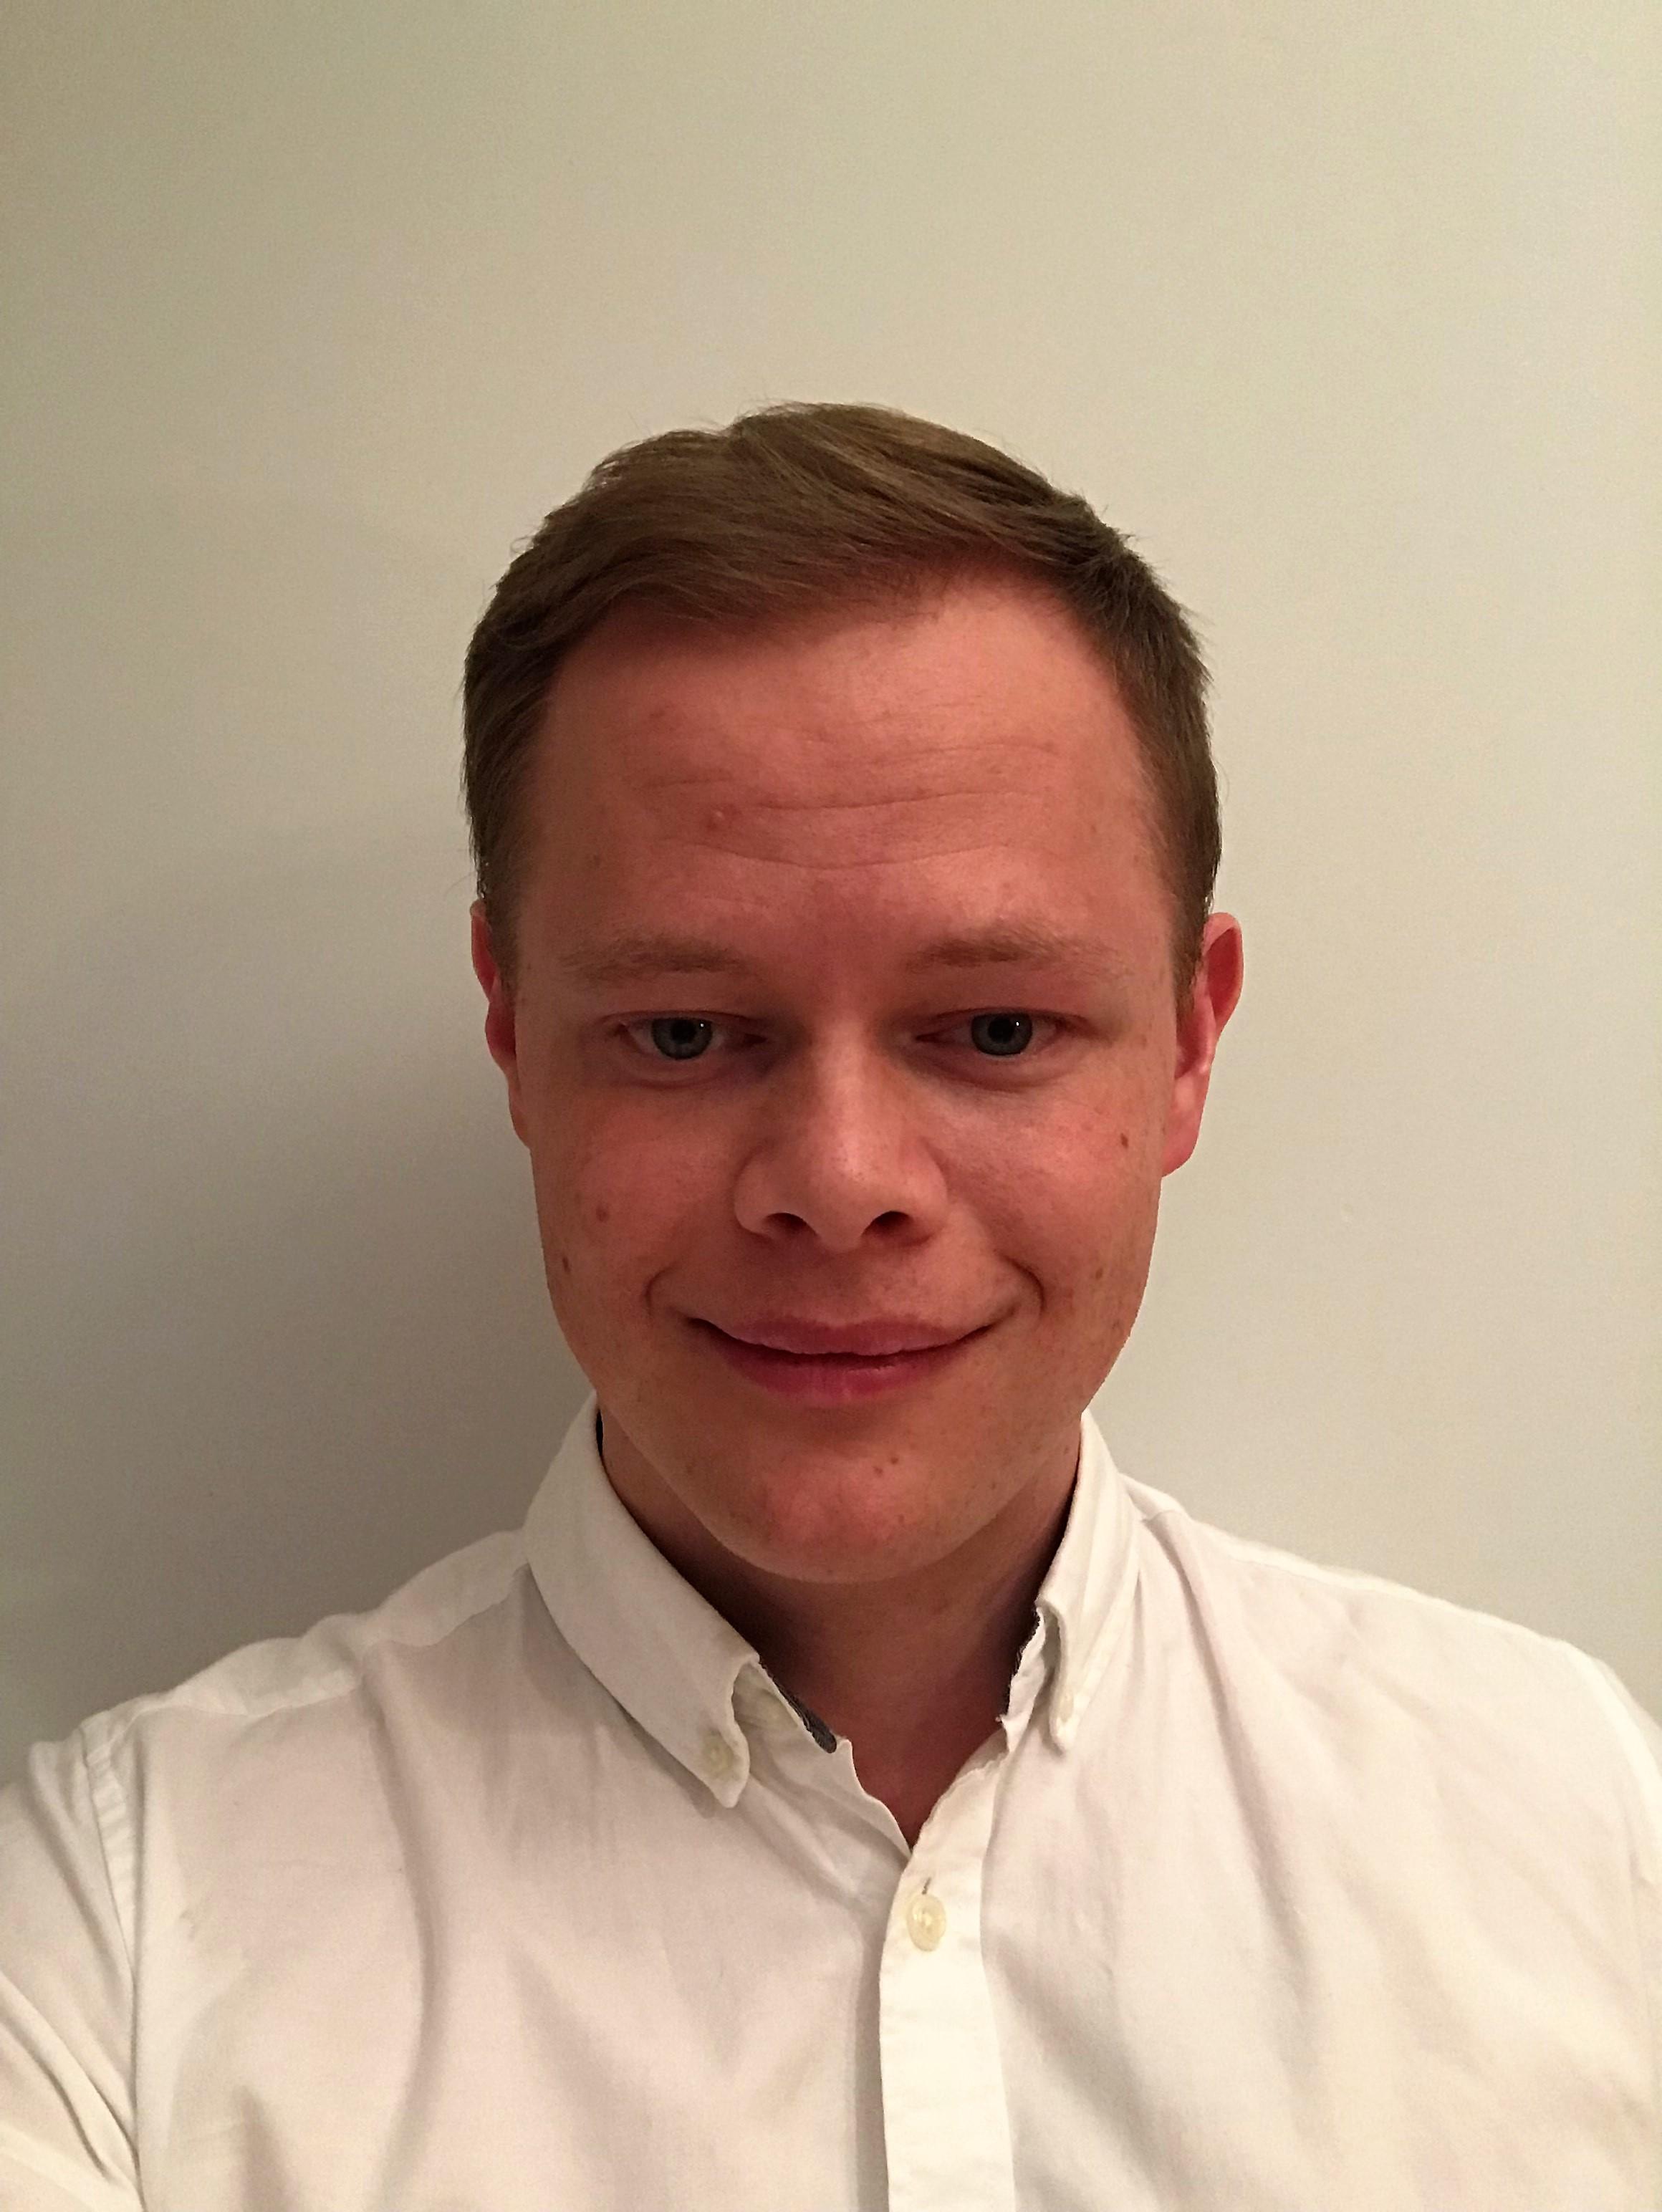 Simon Holmgren